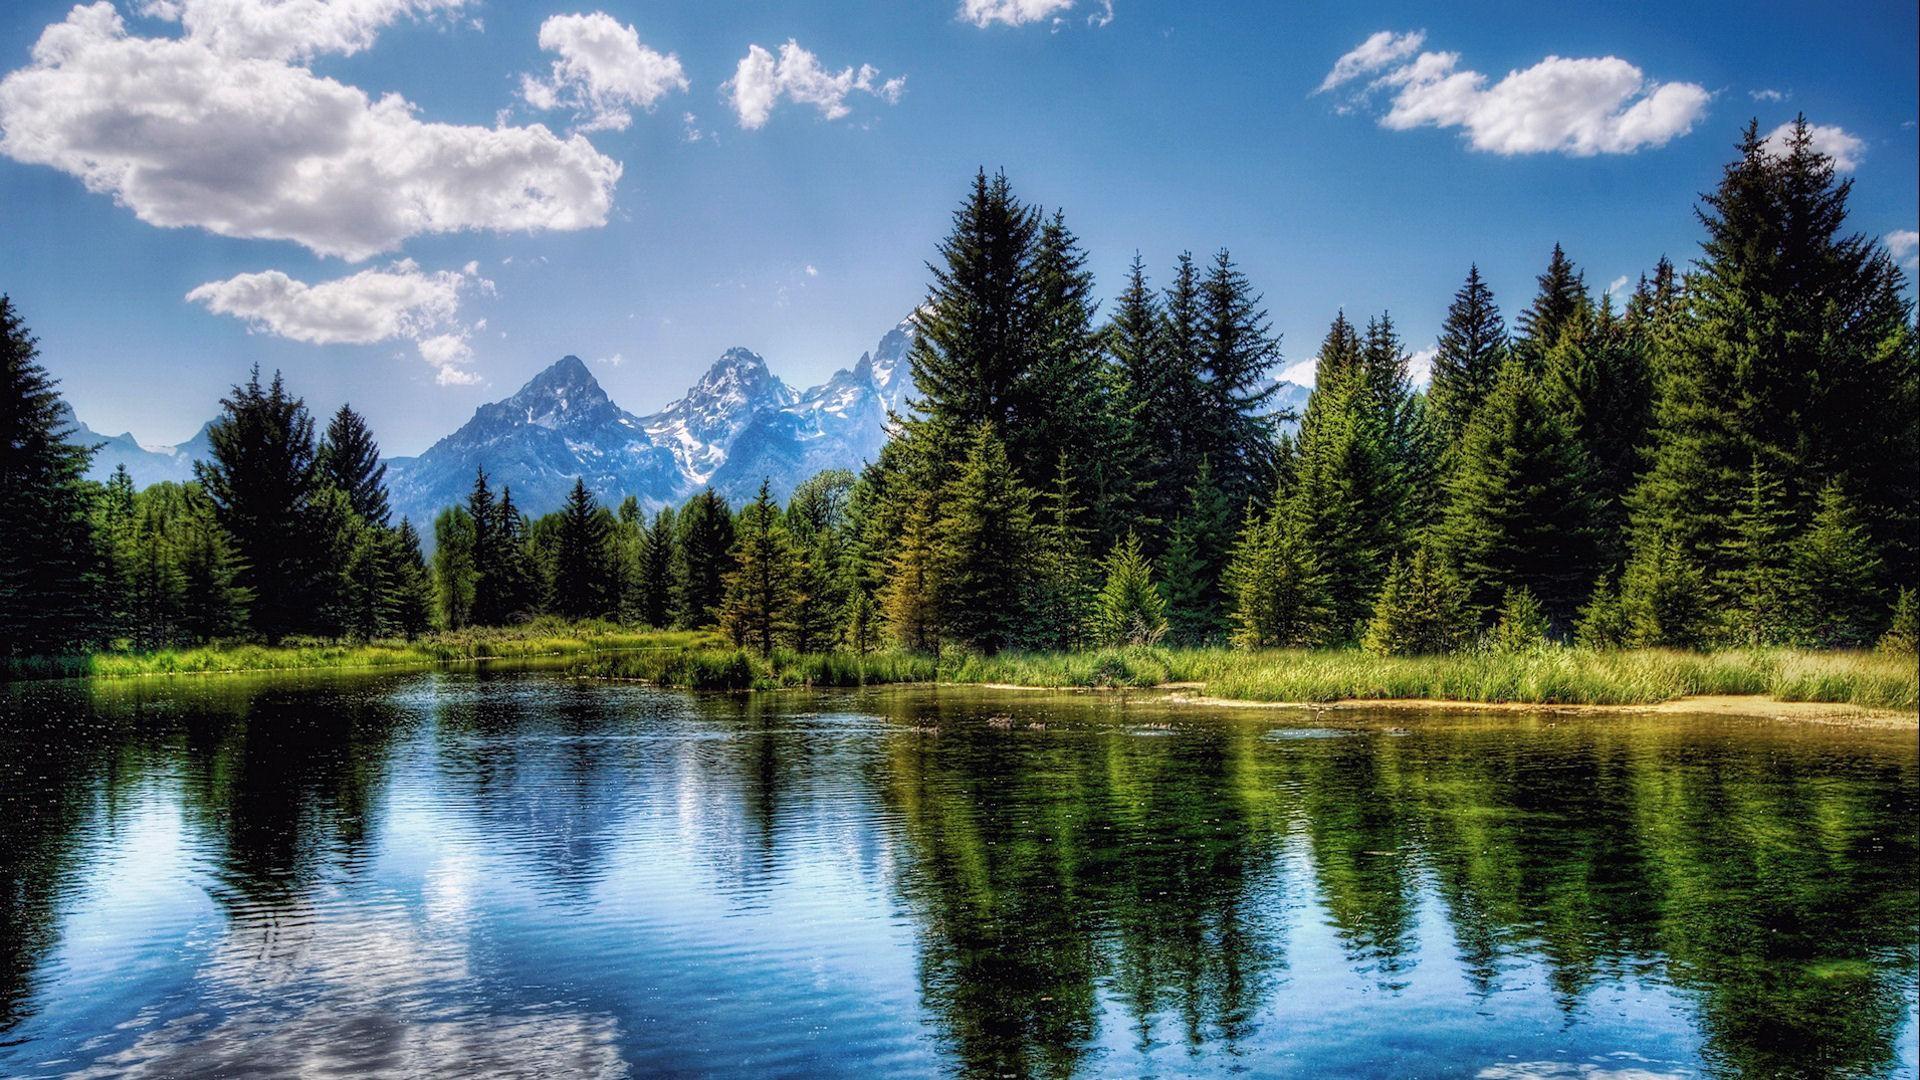 Hd Mountain Scene HD Desktop Wallpaper, Background Image